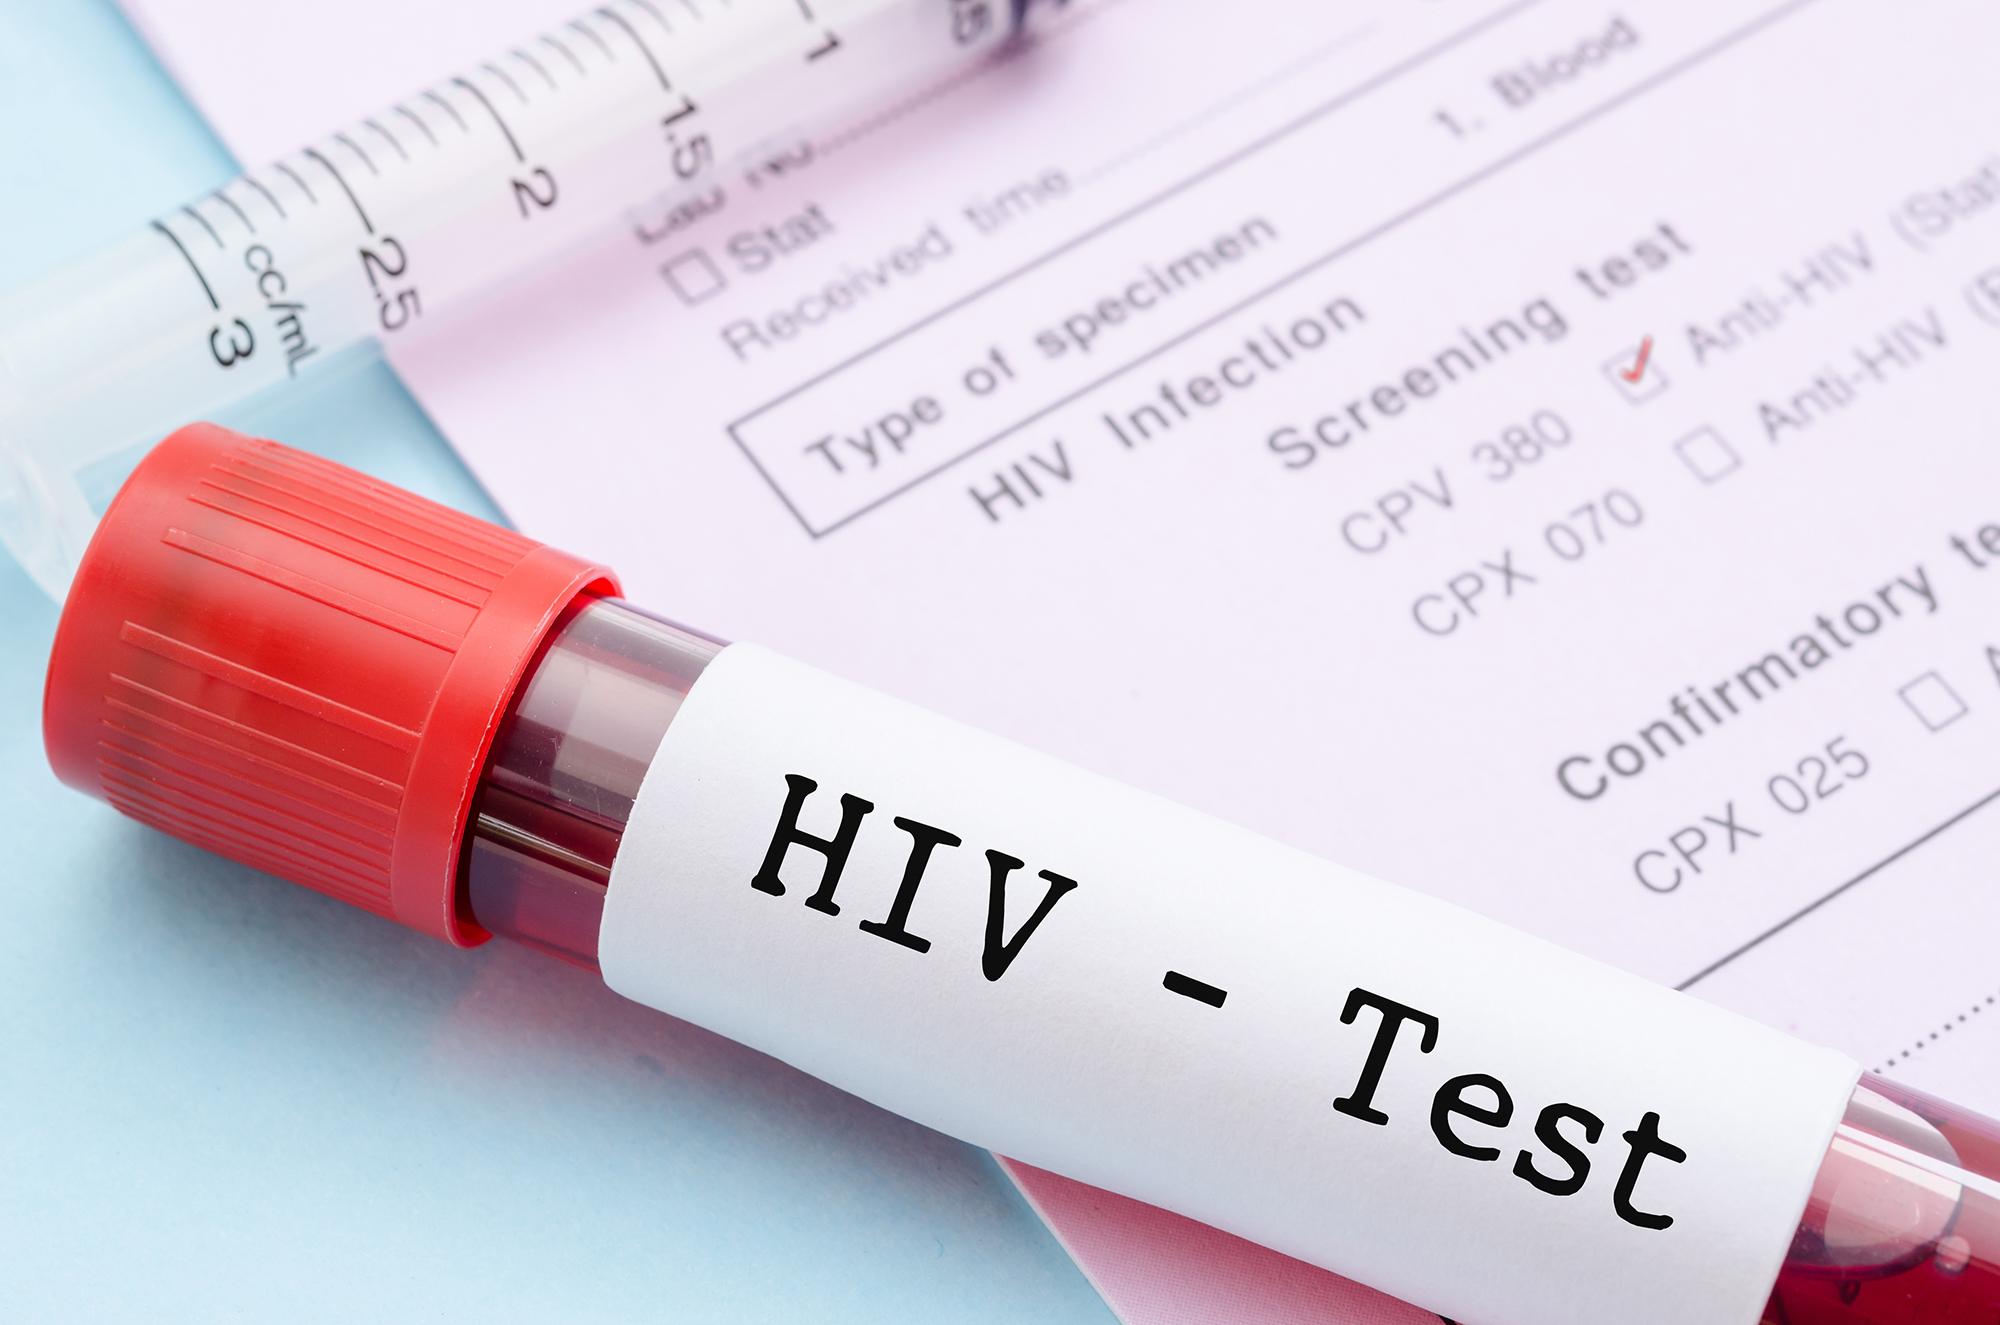 Ein als HIV-Test gekennzeichntes Blutprobenröhrchen liegt auf einem HIV-Test-Formular.